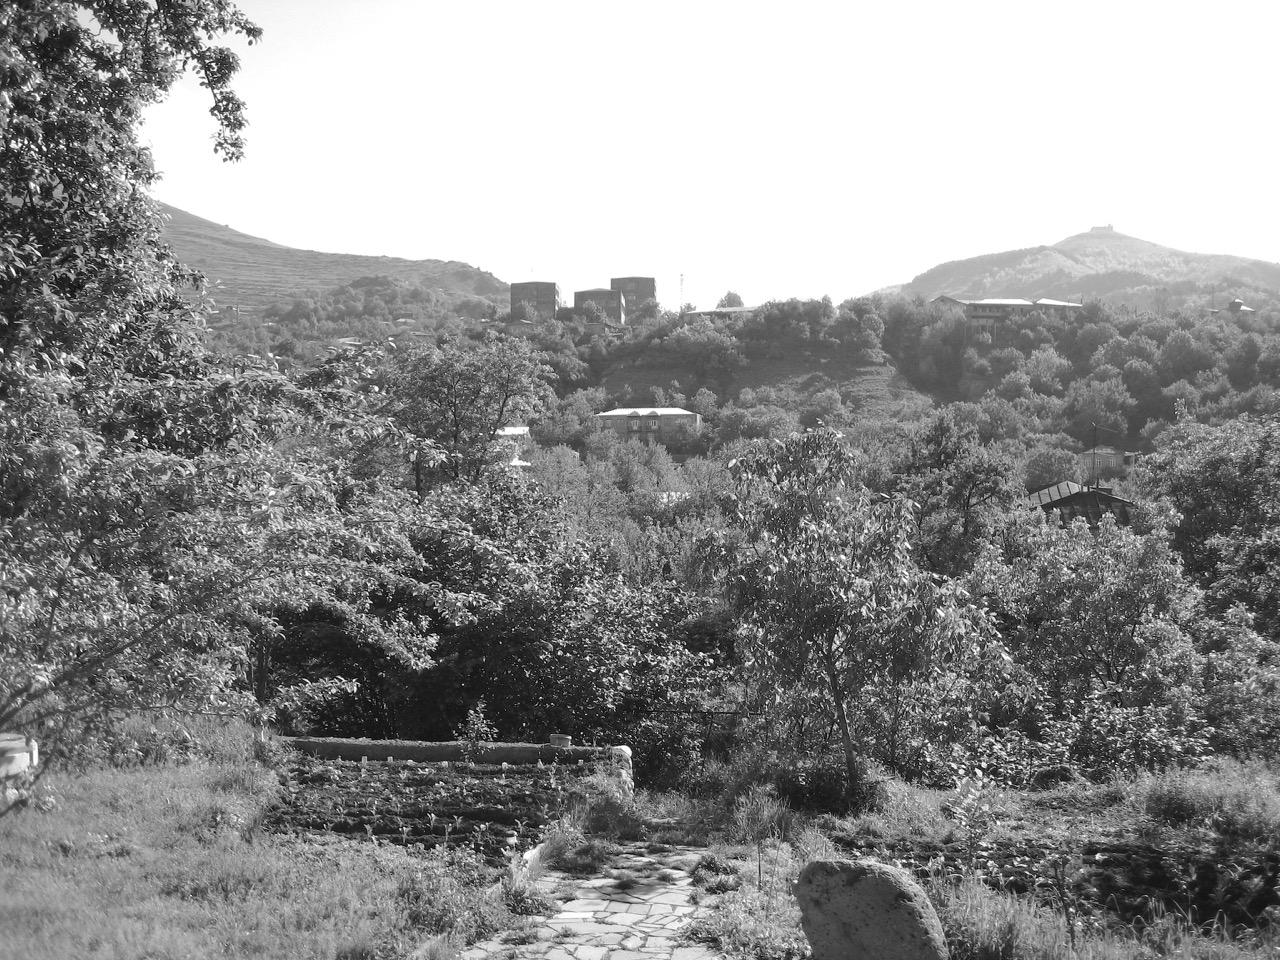 Foto: Unterm Birnenbaum. Aus: Eriwan. Kapitel 4. Aufzeichnungen aus Armenien von Marc Degens.